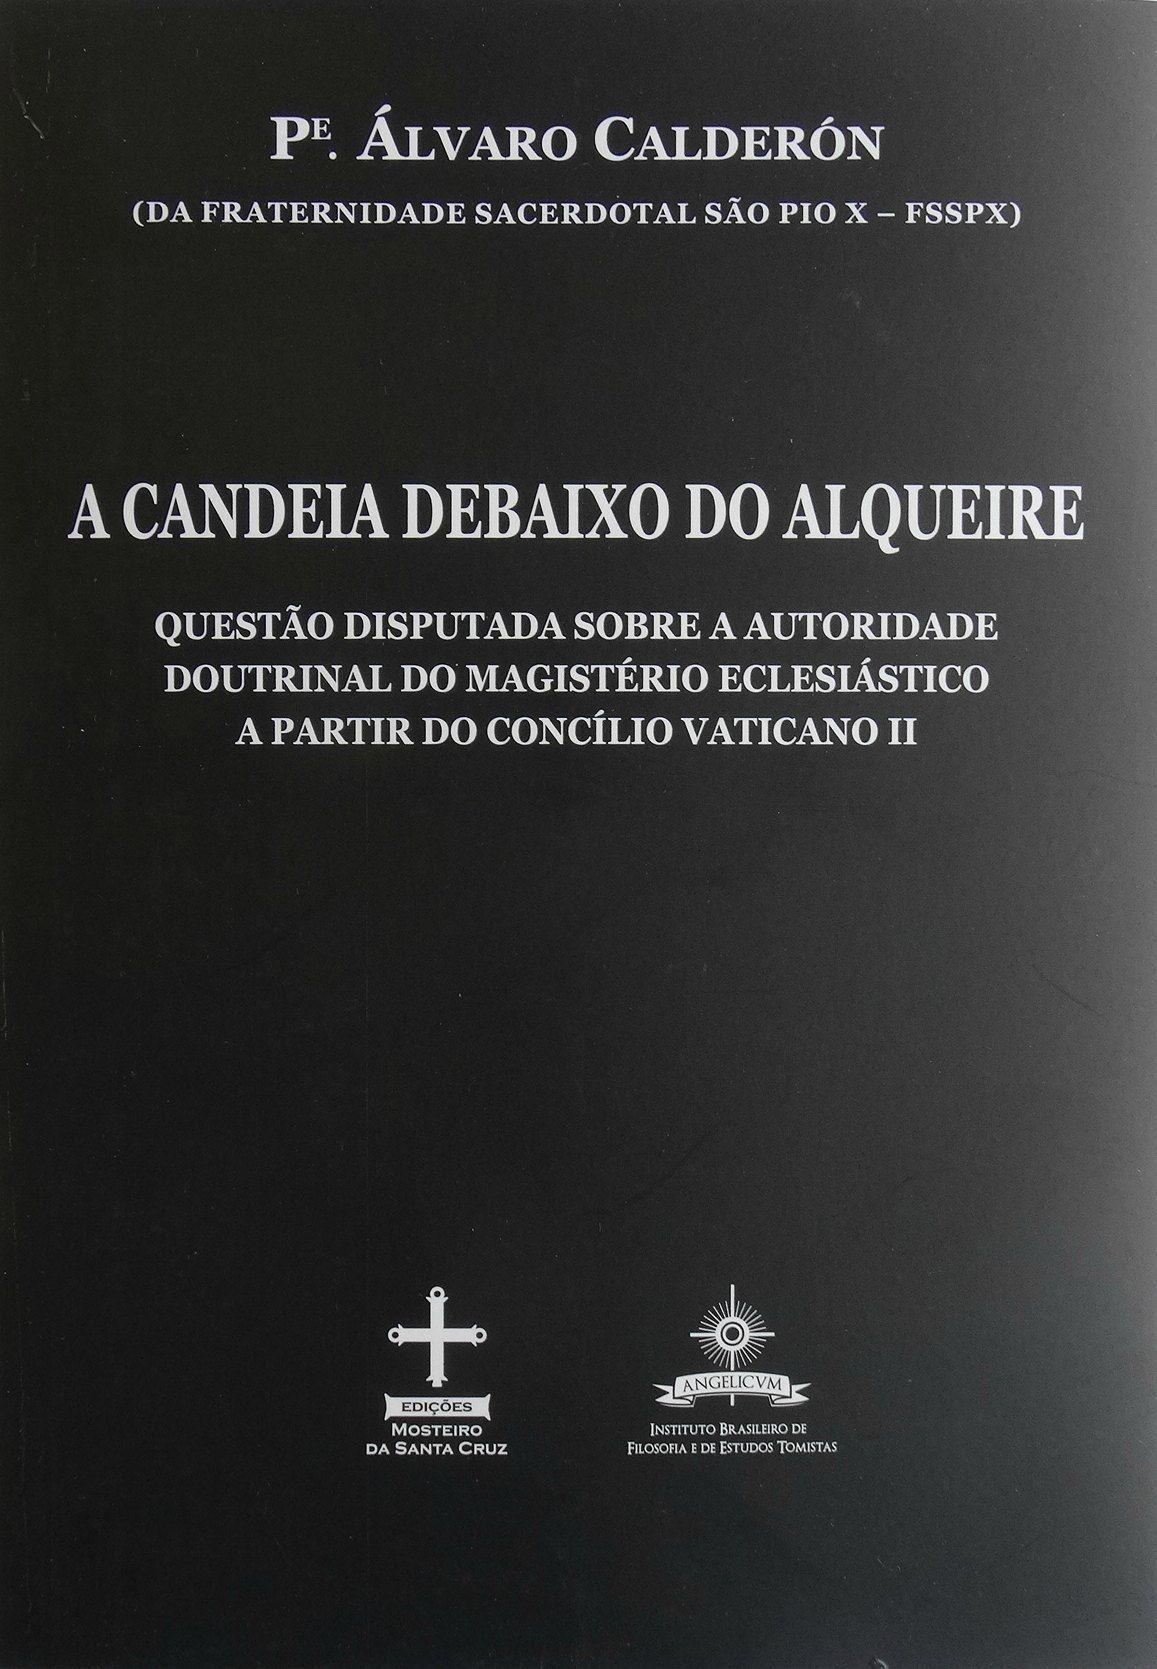 A candeia debaixo do alqueire - Rev. Pe. Álvaro Calderón  - Livraria Santa Cruz